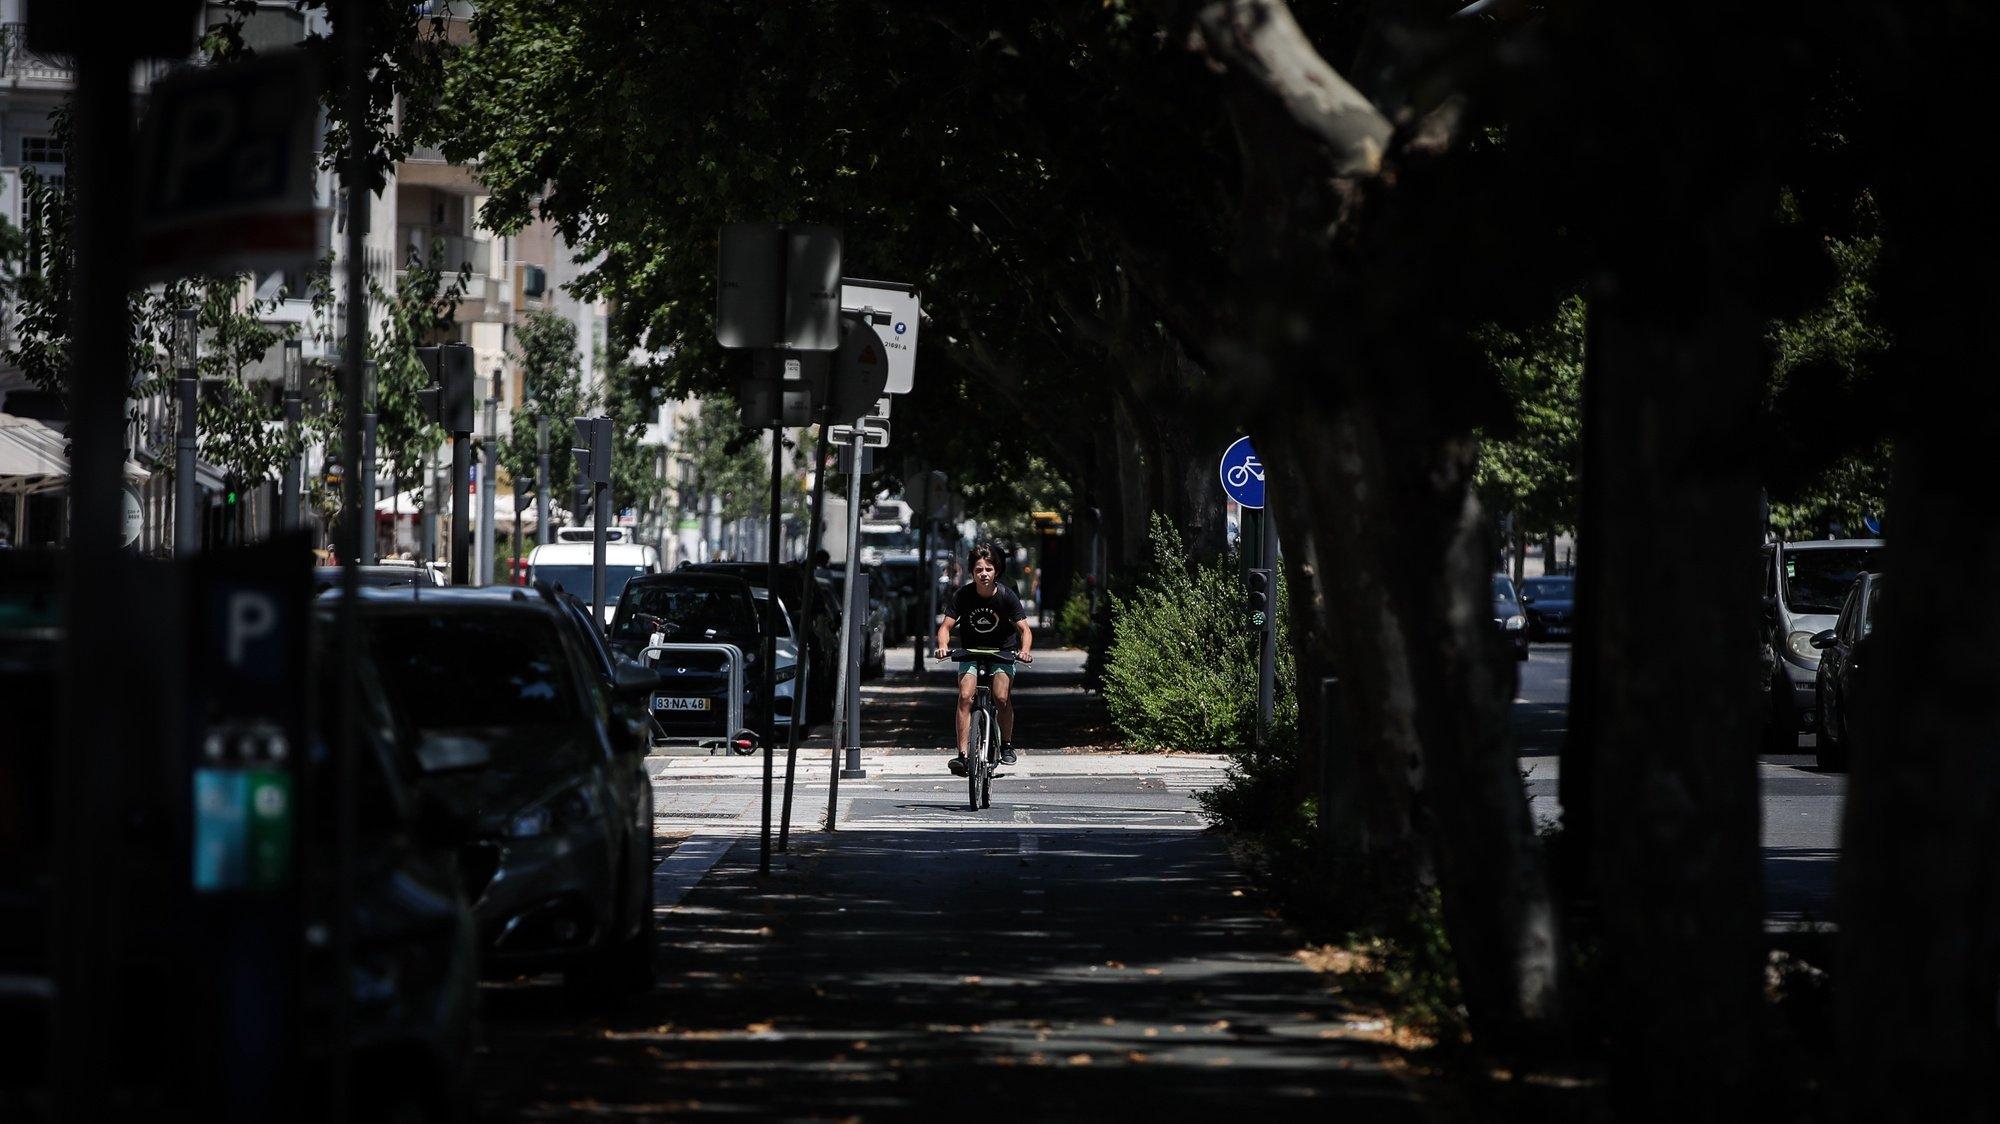 Uma pessoa utiliza uma bicicleta da rede de bicicletas partilhadas Gira, em Lisboa, em Lisboa, 16 de julho de 2020. (ACOMPANHA TEXTO DA LUSA DO DIA 18 DE JULHO DE 2020). MÁRIO CRUZ/LUSA